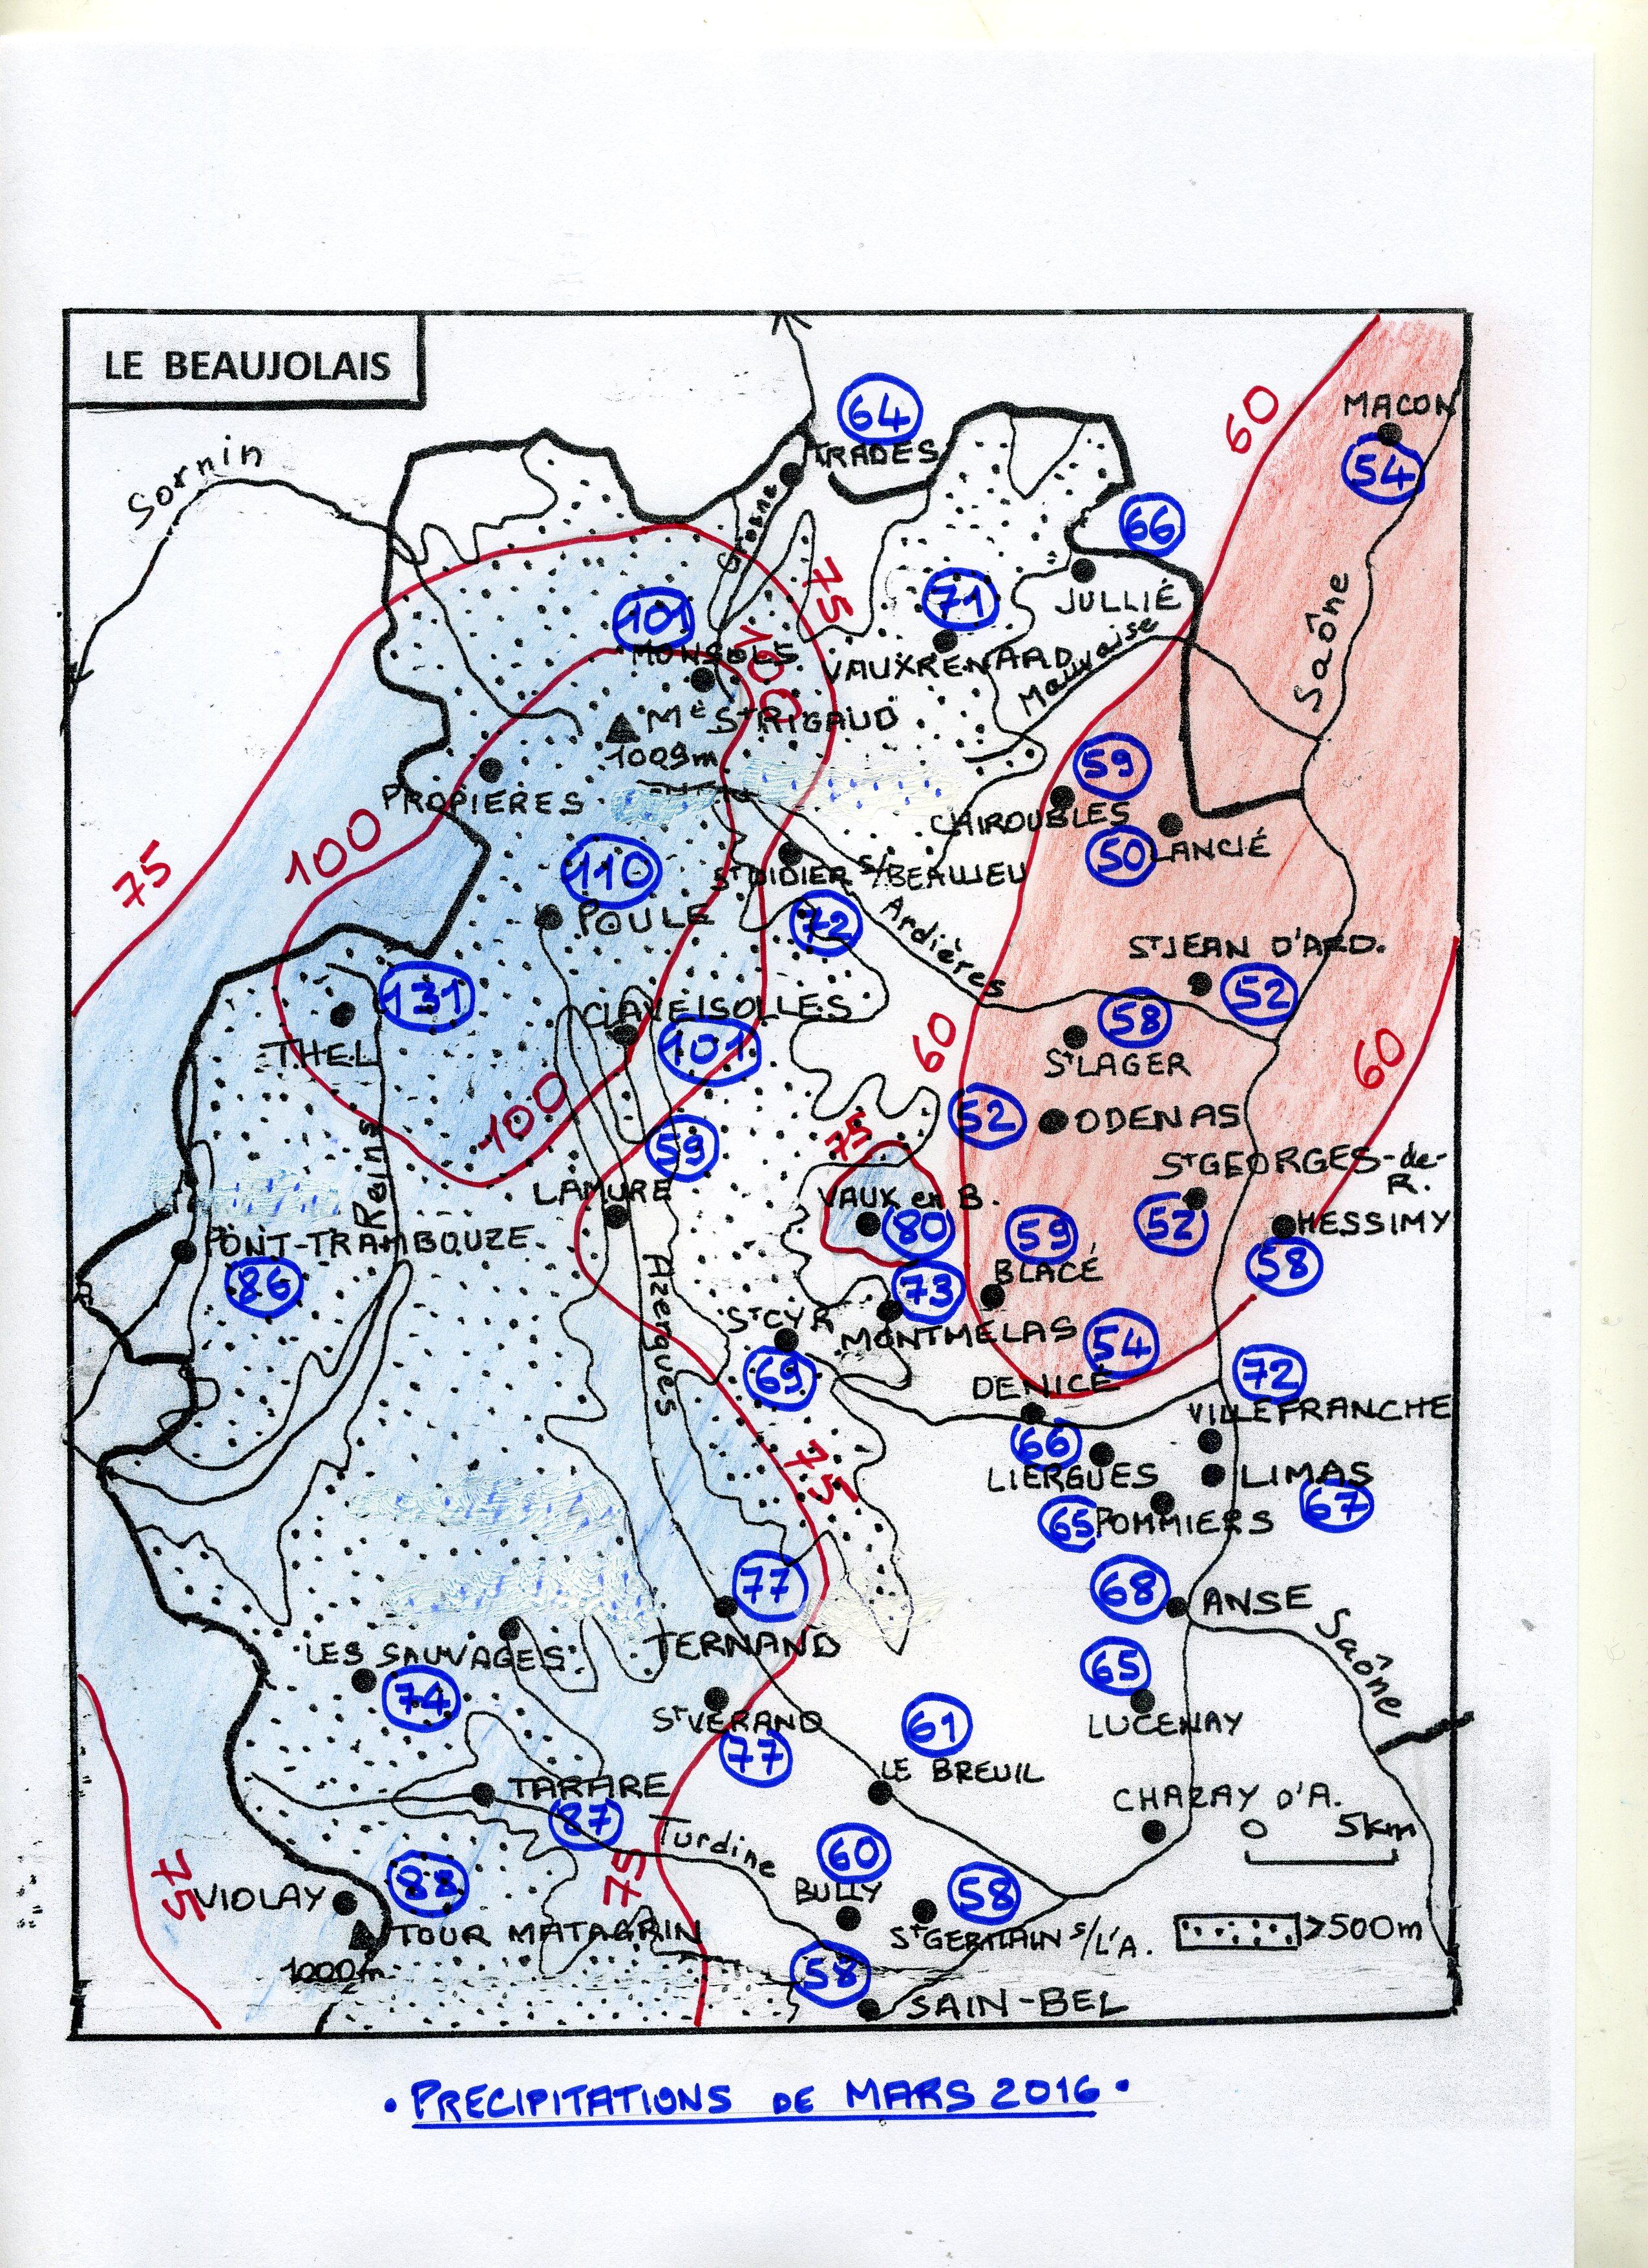 Carte Pluvio Beaujolais MARS 2016 002